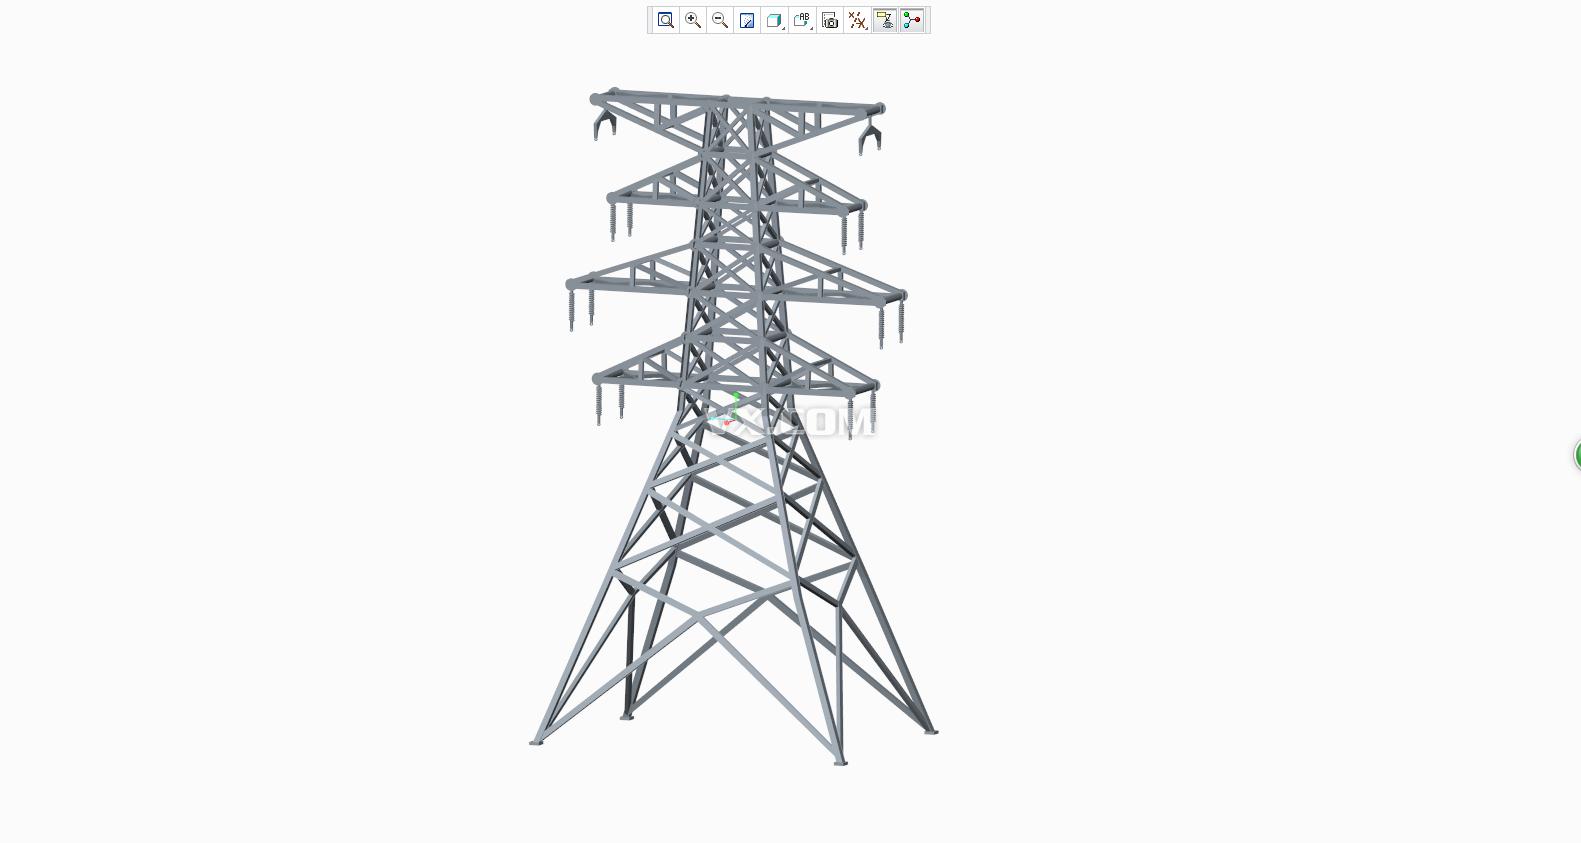 电力铁塔三维图纸3d图纸stp格式